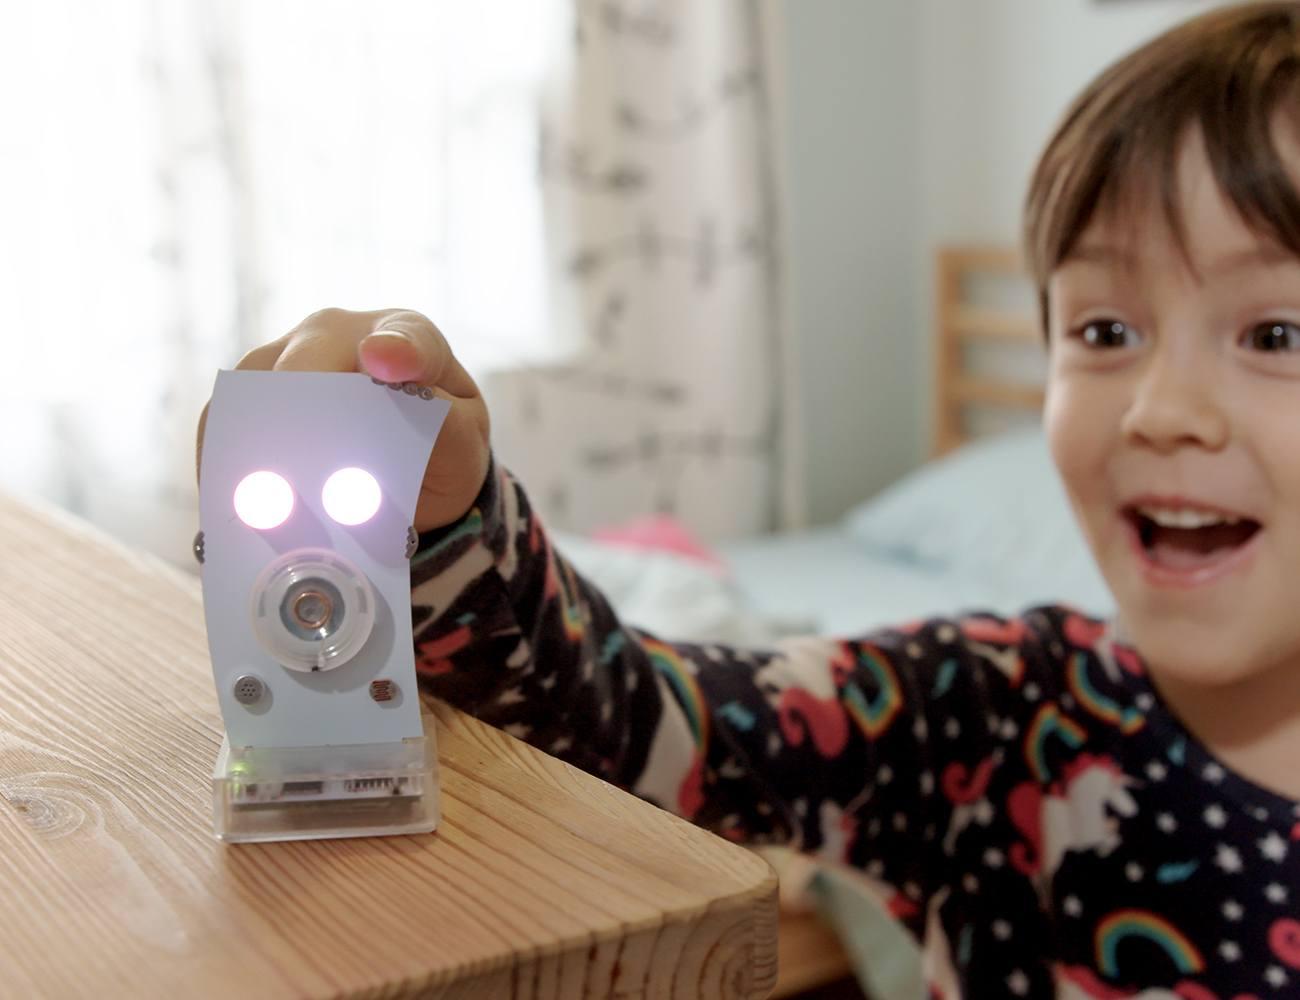 All New Little Robot Friends